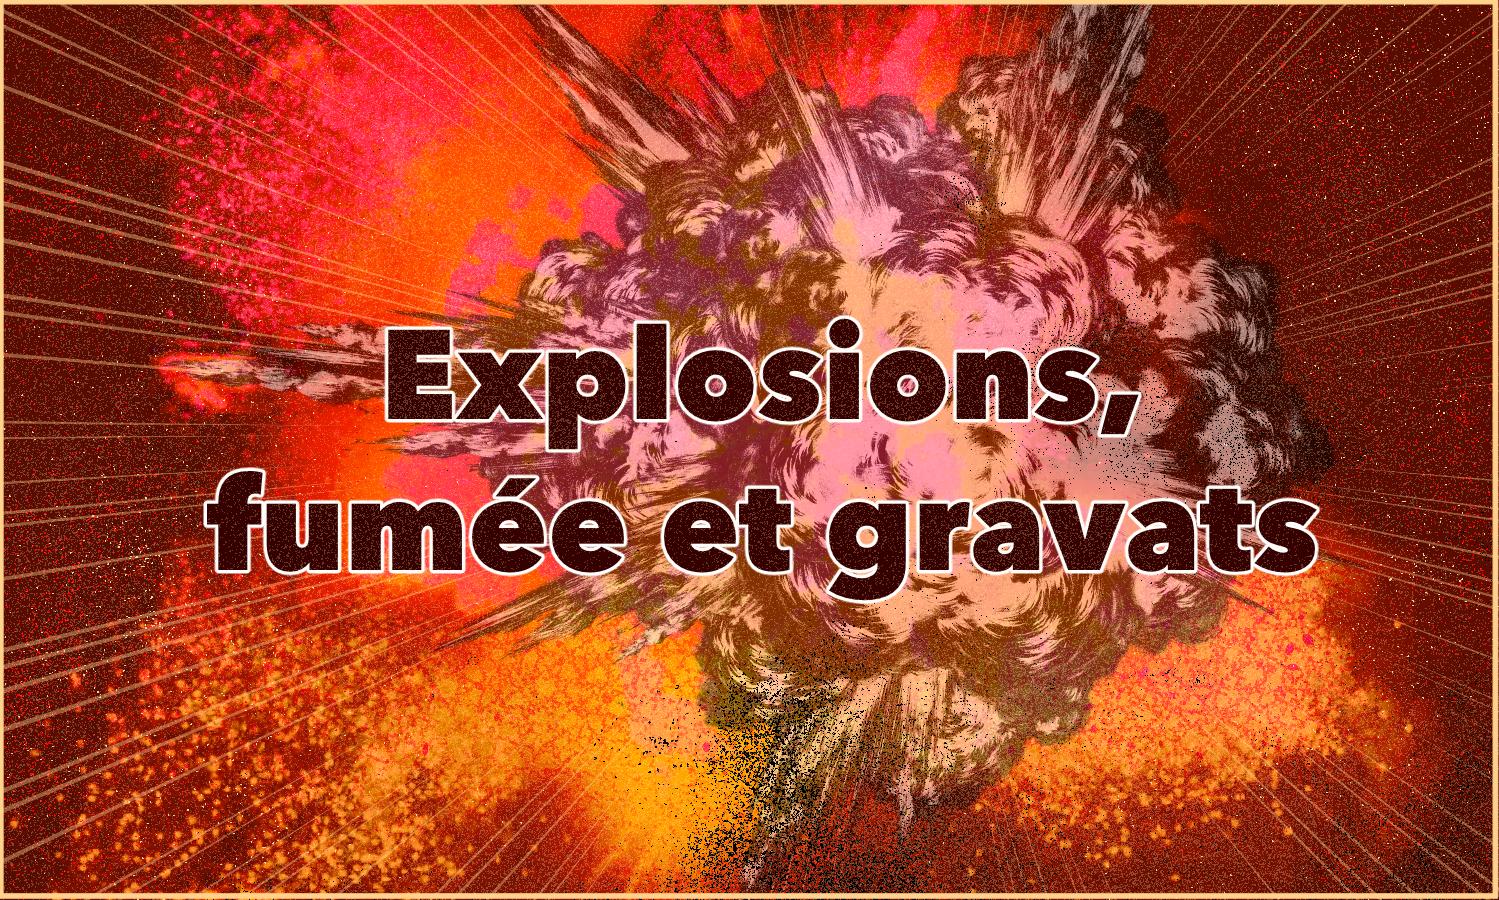 Effets spéciaux : explosion, fumée et gravat